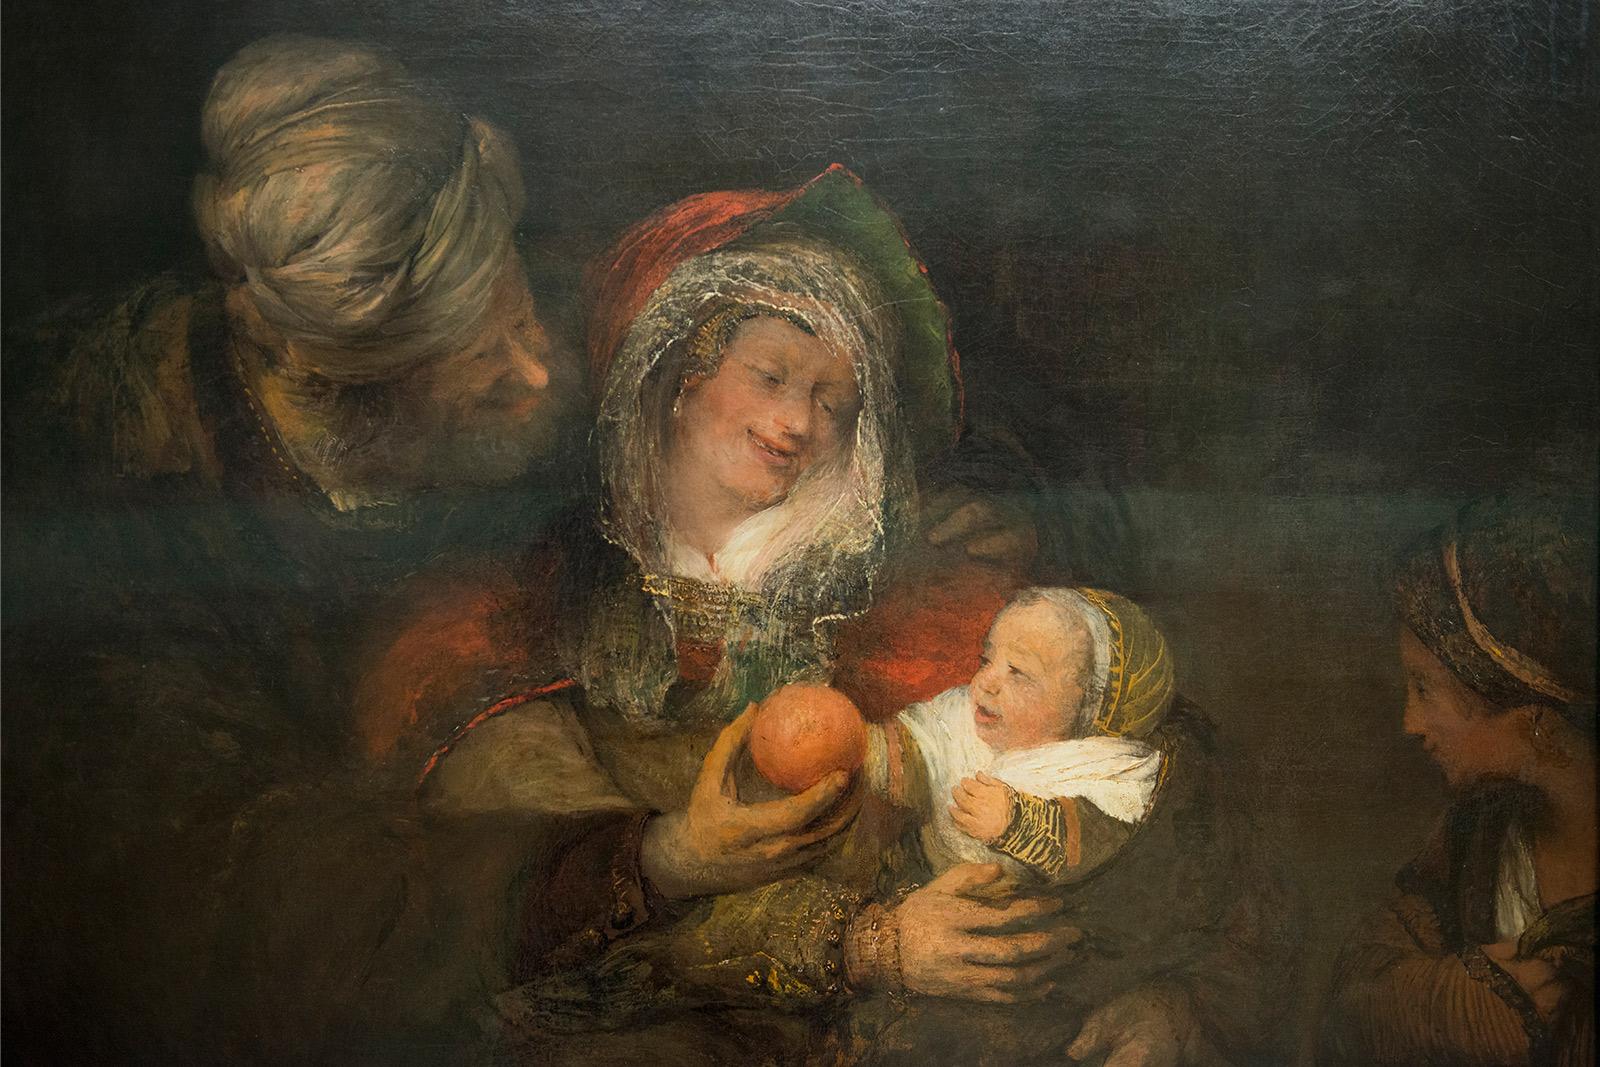 Aert de Gelder (1646-1727) - La sainte famille 1680/83